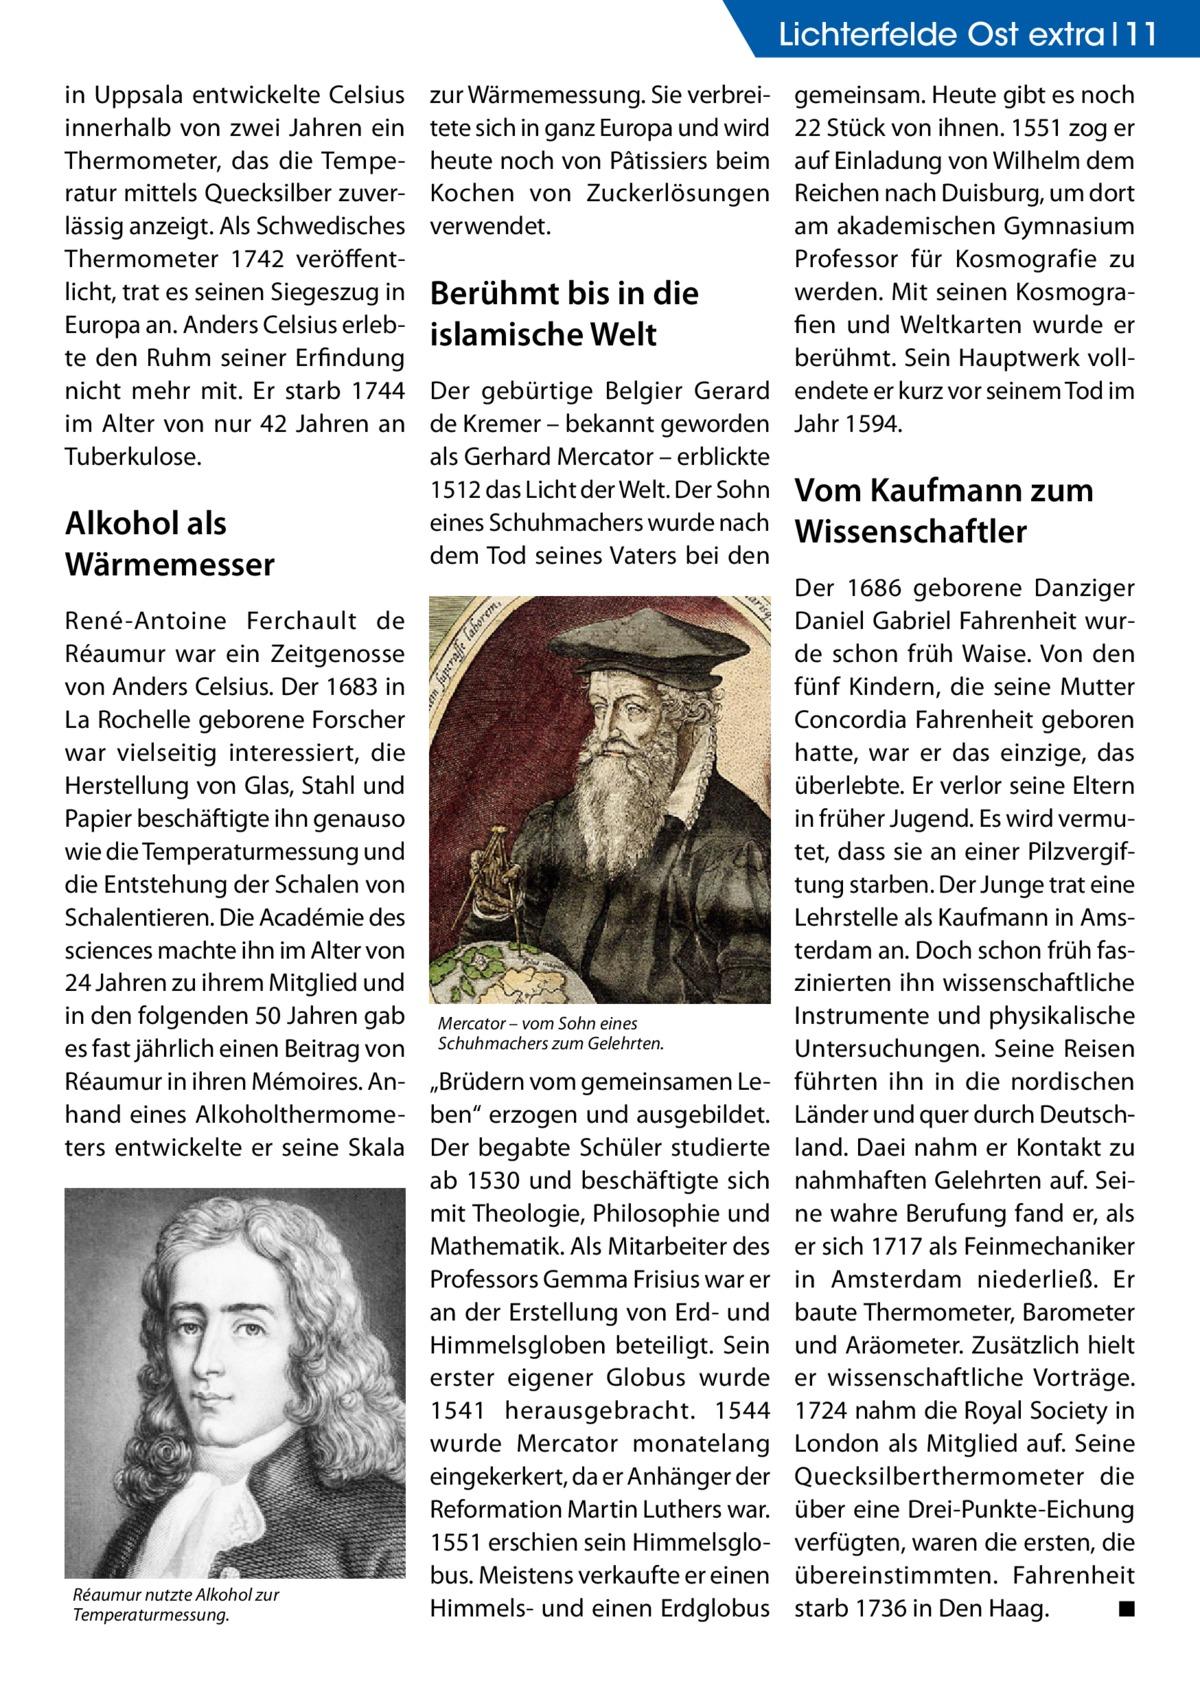 Lichterfelde Ost extra 11 in Uppsala entwickelte Celsius innerhalb von zwei Jahren ein Thermometer, das die Temperatur mittels Quecksilber zuverlässig anzeigt. Als Schwedisches Thermometer 1742 veröffentlicht, trat es seinen Siegeszug in Europa an. Anders Celsius erlebte den Ruhm seiner Erfindung nicht mehr mit. Er starb 1744 im Alter von nur 42 Jahren an Tuberkulose.  Alkohol als Wärmemesser René-Antoine Ferchault de Réaumur war ein Zeitgenosse von Anders Celsius. Der 1683 in La Rochelle geborene Forscher war vielseitig interessiert, die Herstellung von Glas, Stahl und Papier beschäftigte ihn genauso wie die Temperaturmessung und die Entstehung der Schalen von Schalentieren. Die Académie des sciences machte ihn im Alter von 24Jahren zu ihrem Mitglied und in den folgenden 50Jahren gab es fast jährlich einen Beitrag von Réaumur in ihren Mémoires. Anhand eines Alkoholthermometers entwickelte er seine Skala  Réaumur nutzte Alkohol zur Temperaturmessung.  zur Wärmemessung. Sie verbreitete sich in ganz Europa und wird heute noch von Pâtissiers beim Kochen von Zuckerlösungen verwendet.  gemeinsam. Heute gibt es noch 22 Stück von ihnen. 1551 zog er auf Einladung von Wilhelm dem Reichen nach Duisburg, um dort am akademischen Gymnasium Professor für Kosmografie zu werden. Mit seinen KosmograBerühmt bis in die fien und Weltkarten wurde er islamische Welt berühmt. Sein Hauptwerk vollDer gebürtige Belgier Gerard endete er kurz vor seinem Tod im de Kremer – bekannt geworden Jahr 1594. als Gerhard Mercator – erblickte 1512 das Licht der Welt. Der Sohn Vom Kaufmann zum eines Schuhmachers wurde nach Wissenschaftler dem Tod seines Vaters bei den Der 1686 geborene Danziger Daniel Gabriel Fahrenheit wurde schon früh Waise. Von den fünf Kindern, die seine Mutter Concordia Fahrenheit geboren hatte, war er das einzige, das überlebte. Er verlor seine Eltern in früher Jugend. Es wird vermutet, dass sie an einer Pilzvergiftung starben. Der Junge trat eine Lehrstelle als Kaufmann in Amsterda